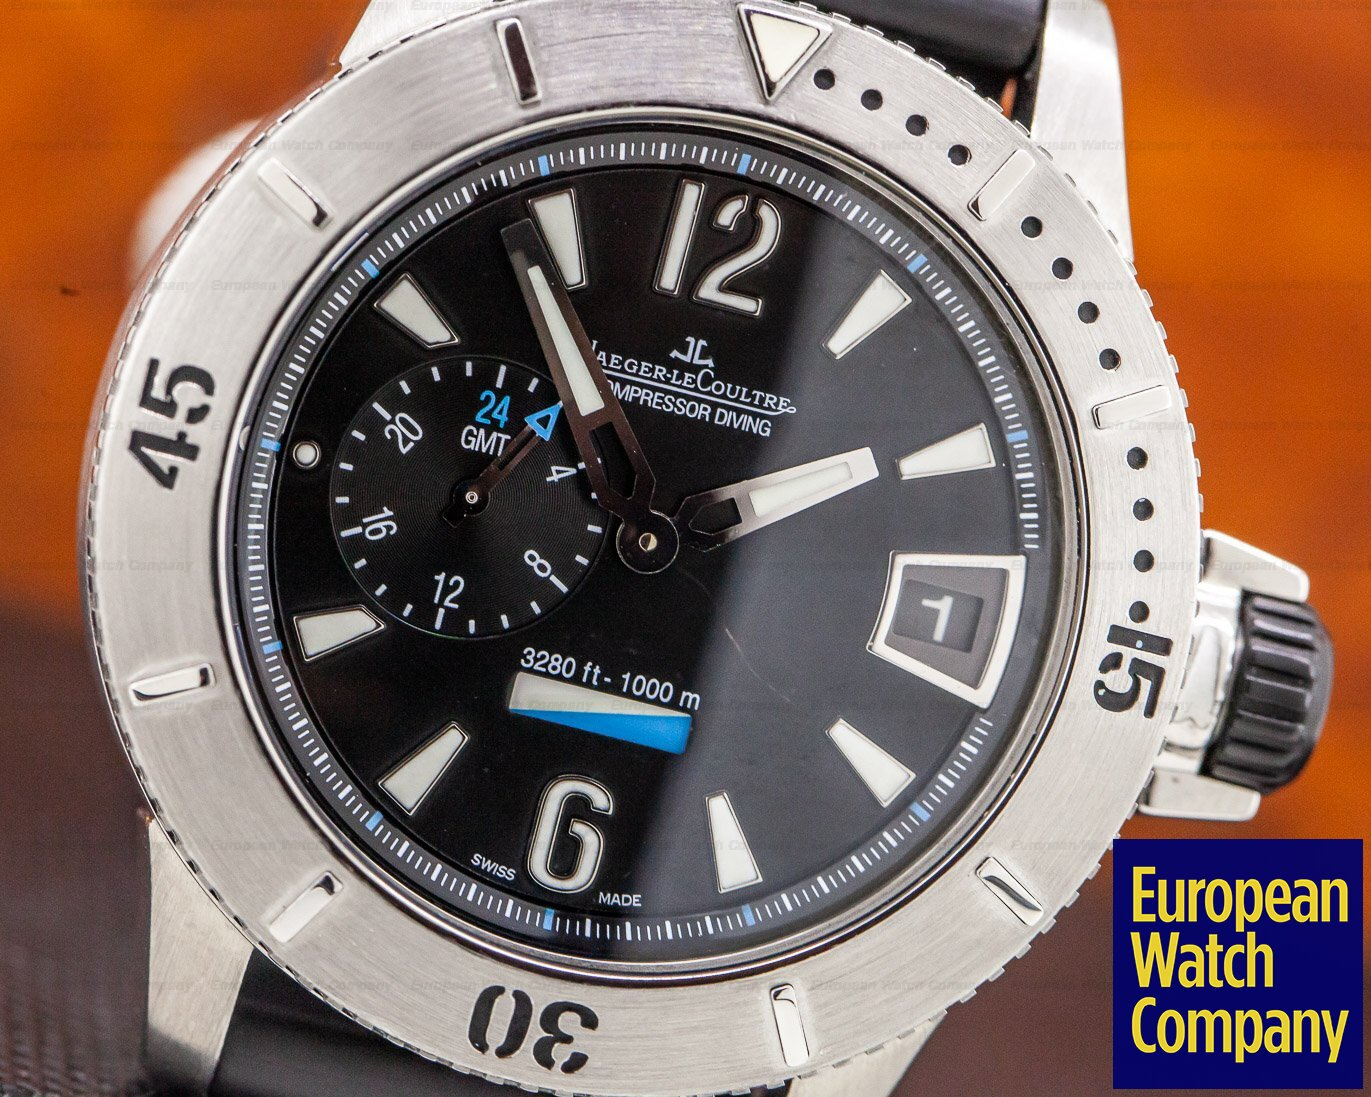 Jaeger LeCoultre Q160T05 Master Compressor Diving GMT Titanium